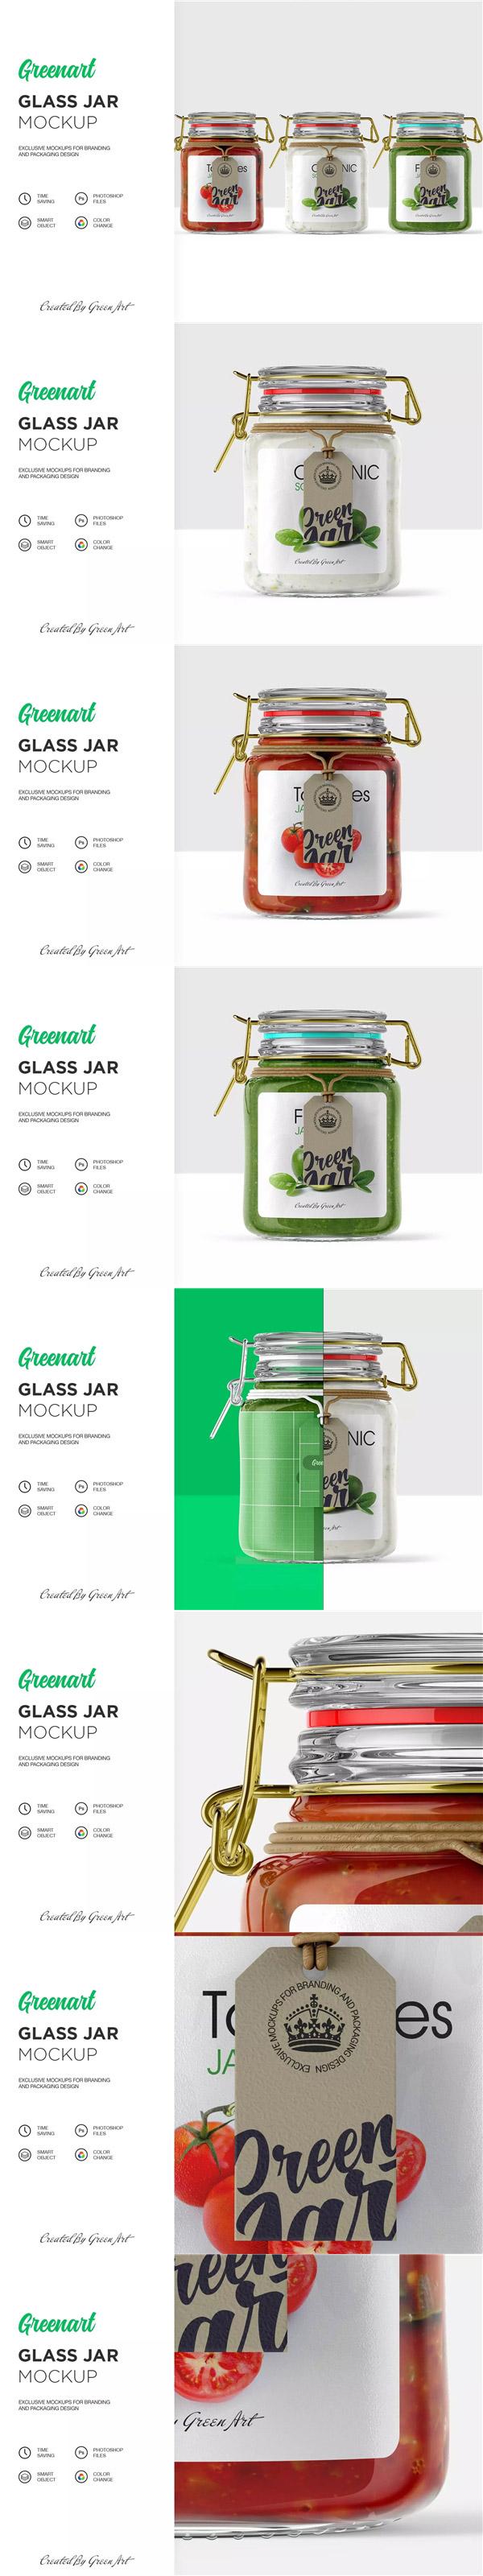 果酱玻璃罐标签样机